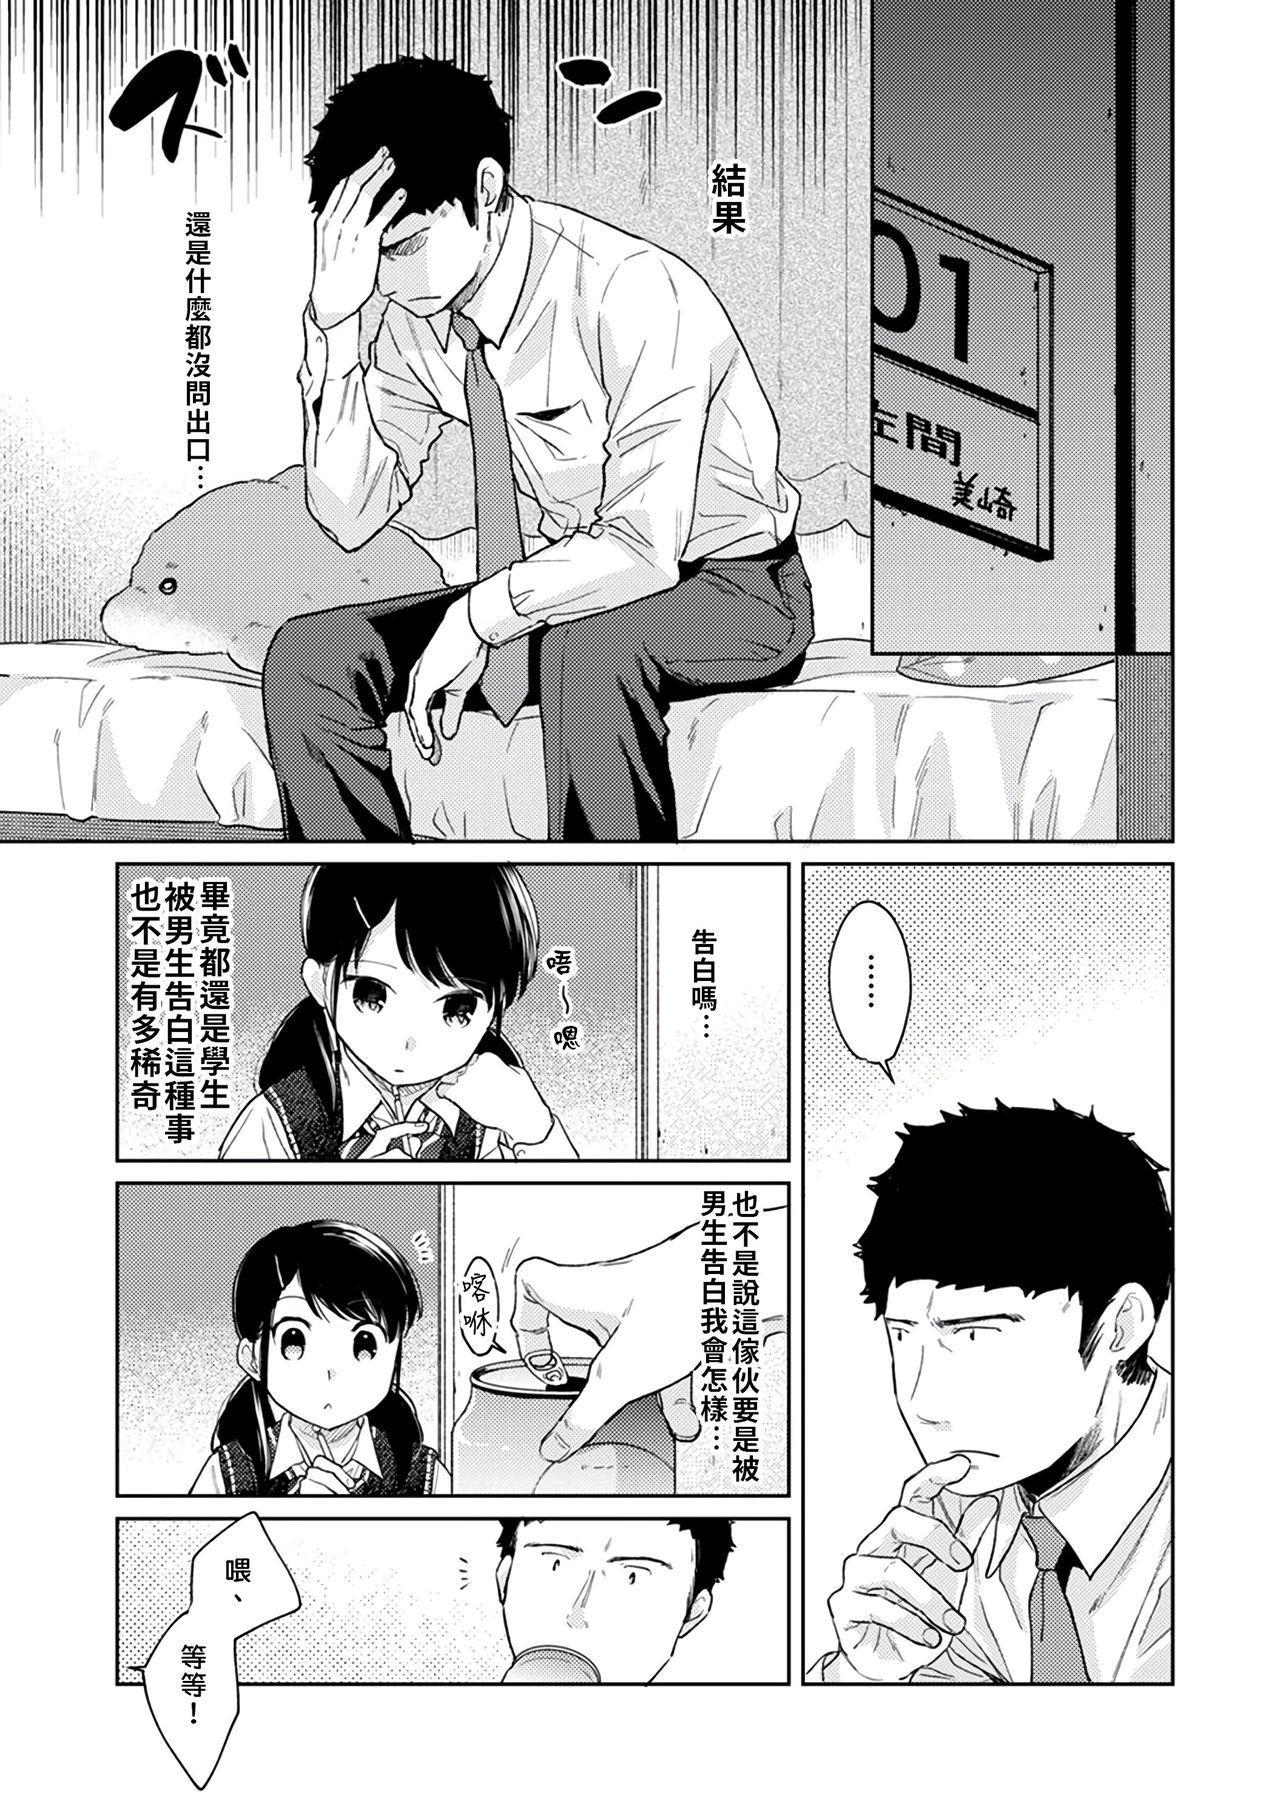 1LDK+JK Ikinari Doukyo? Micchaku!? Hatsu Ecchi!!?   1LDK+JK 突然間展開同居? 極度貼近!?初體驗!? Ch. 18-22 94